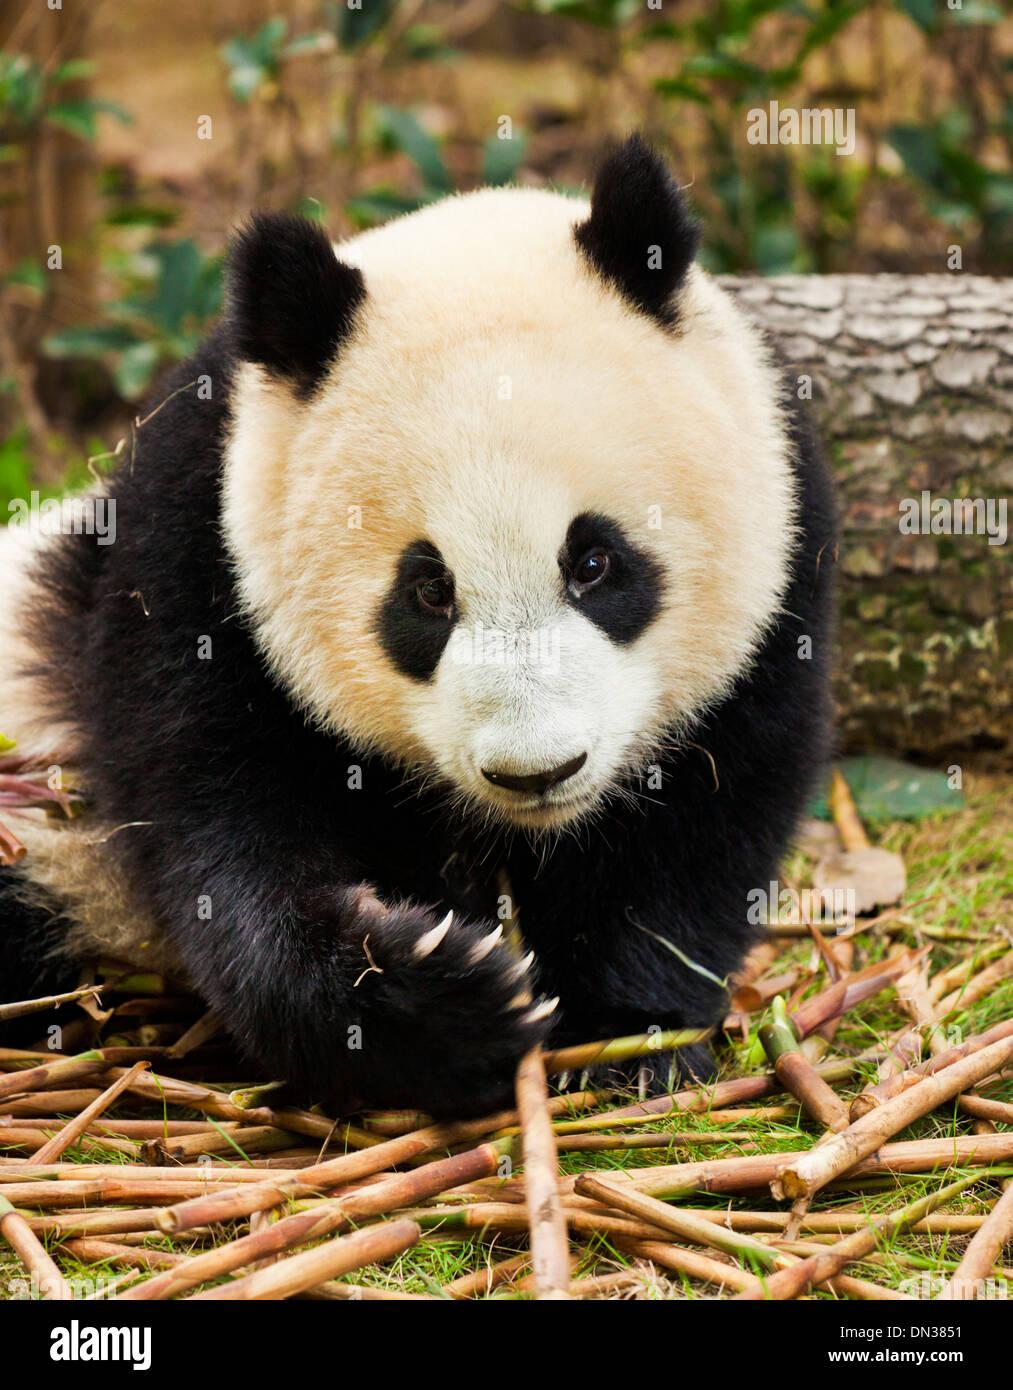 El panda gigante Ailuropoda melanoleuca, centro de investigación y crianza de Panda Chengdu, China, República Popular de China, Asia Imagen De Stock